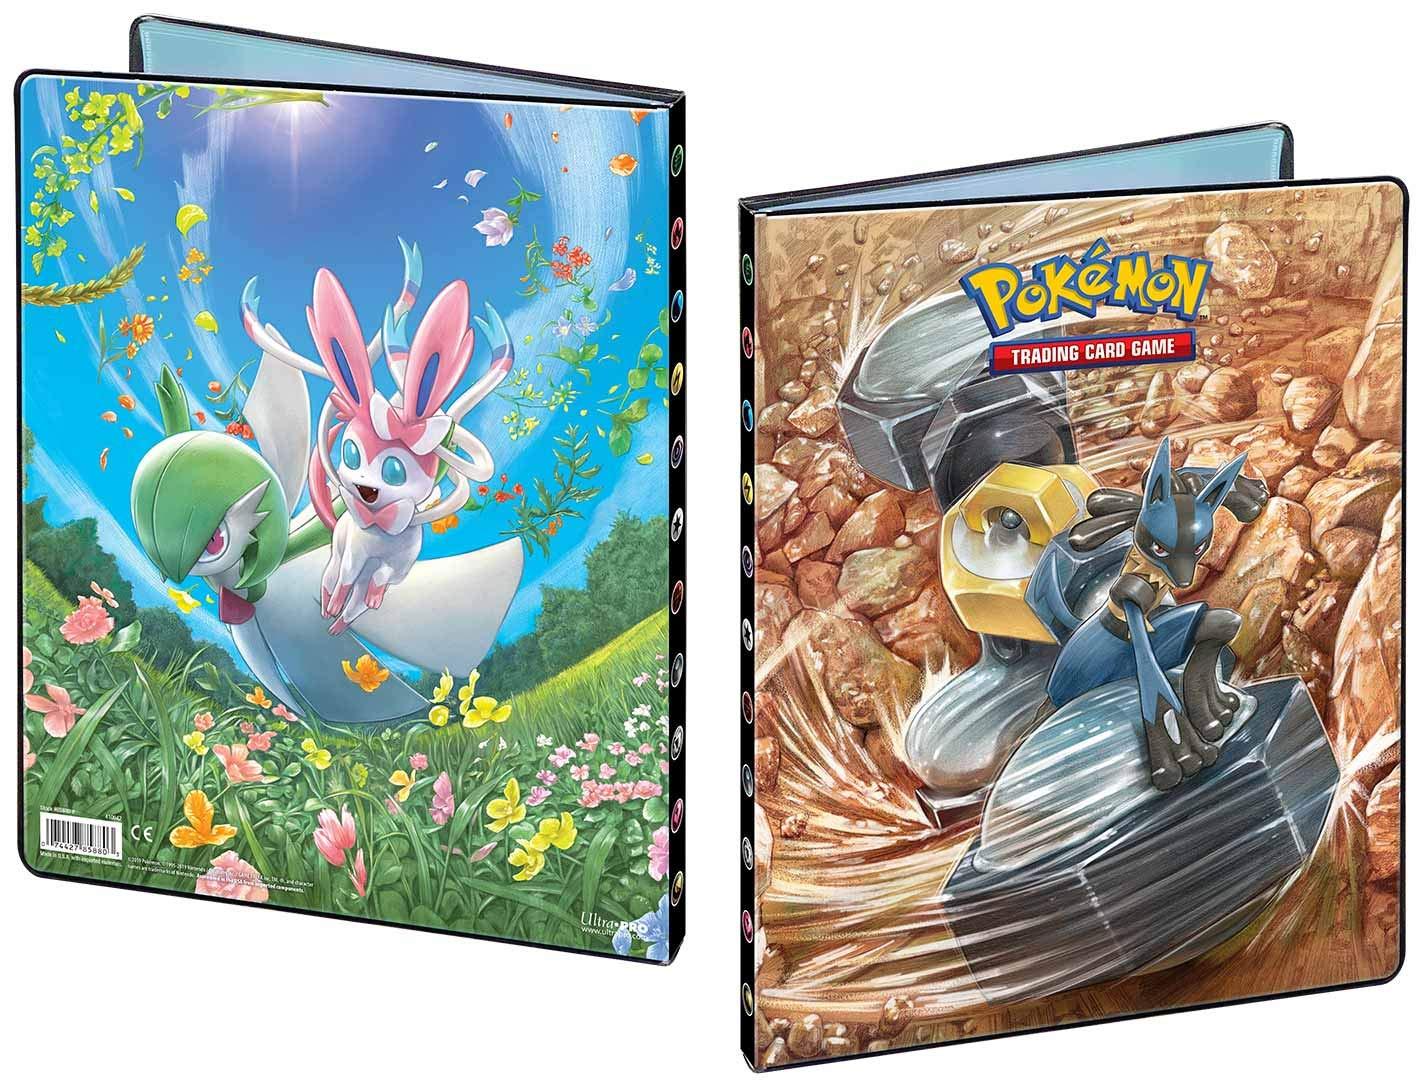 Pokemon Cahier Soleil Lune Alliance Infaillible Sl10 Capacite De Rangement 252 Cartes 85880 Accessoires Amazon Fr Jeux Et Jouets